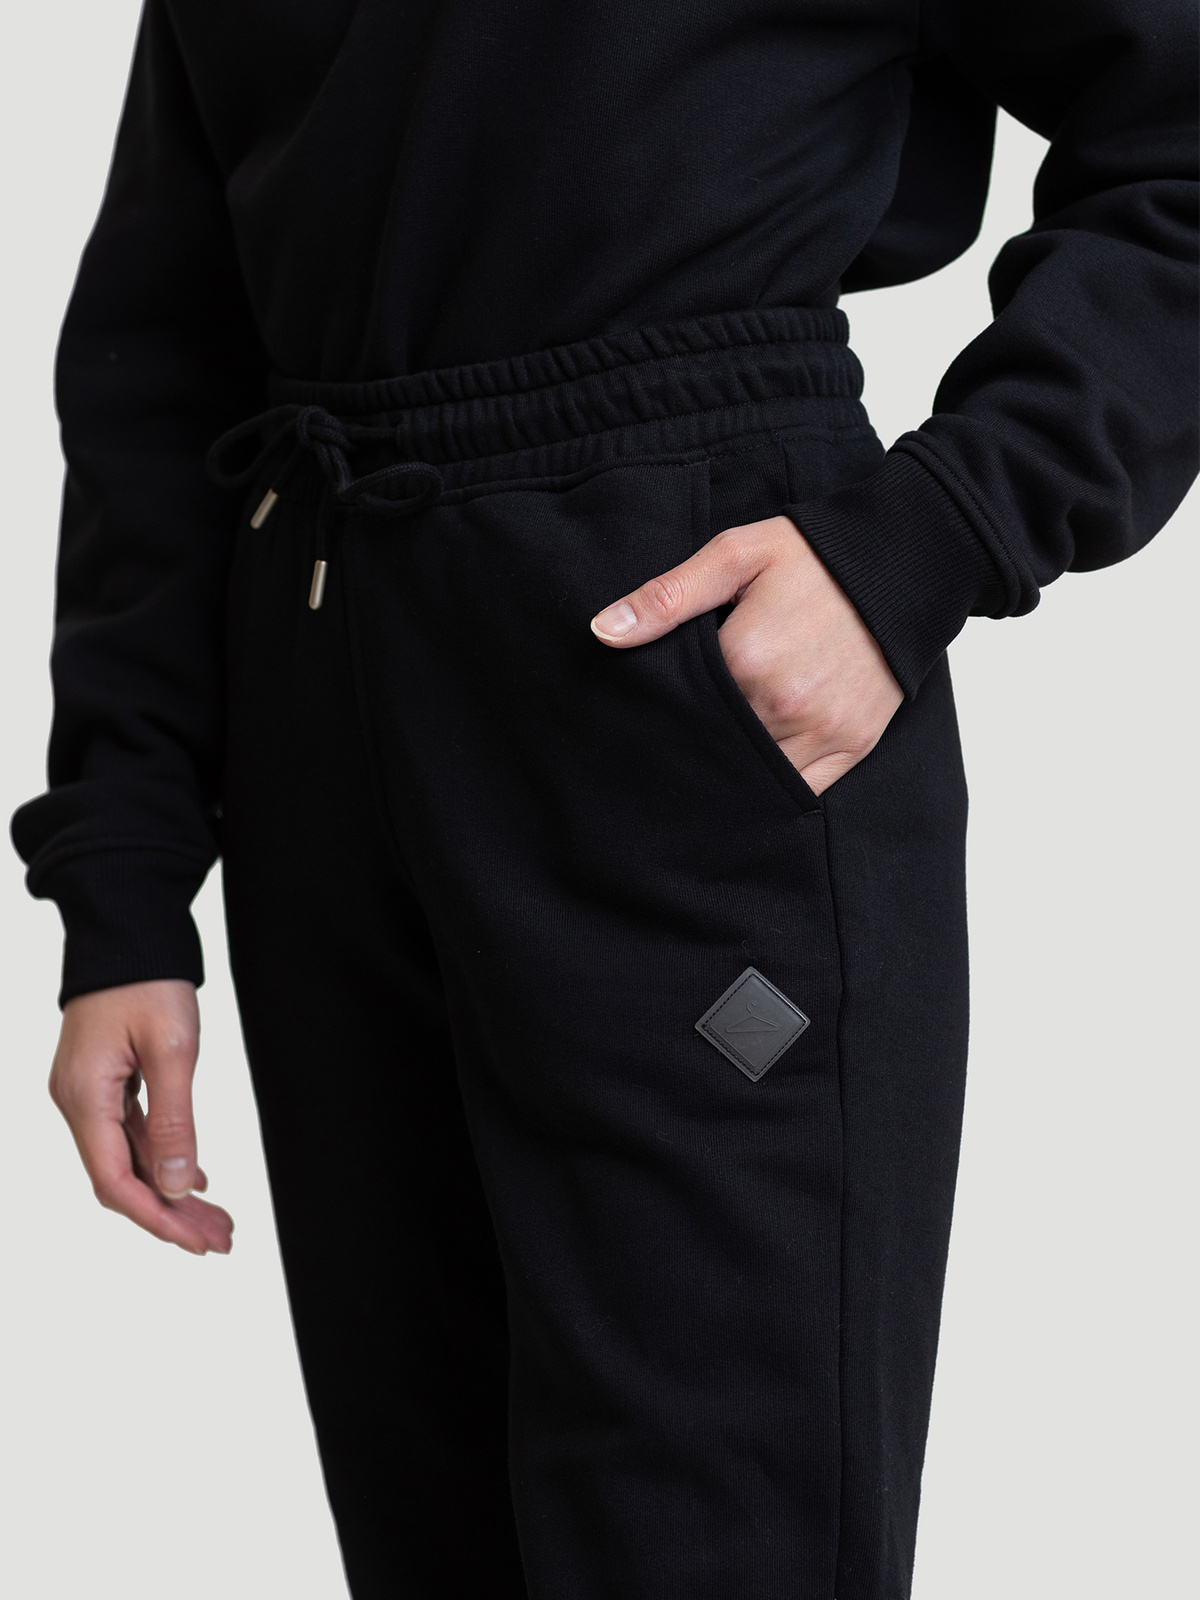 Hanger Trousers Black 3